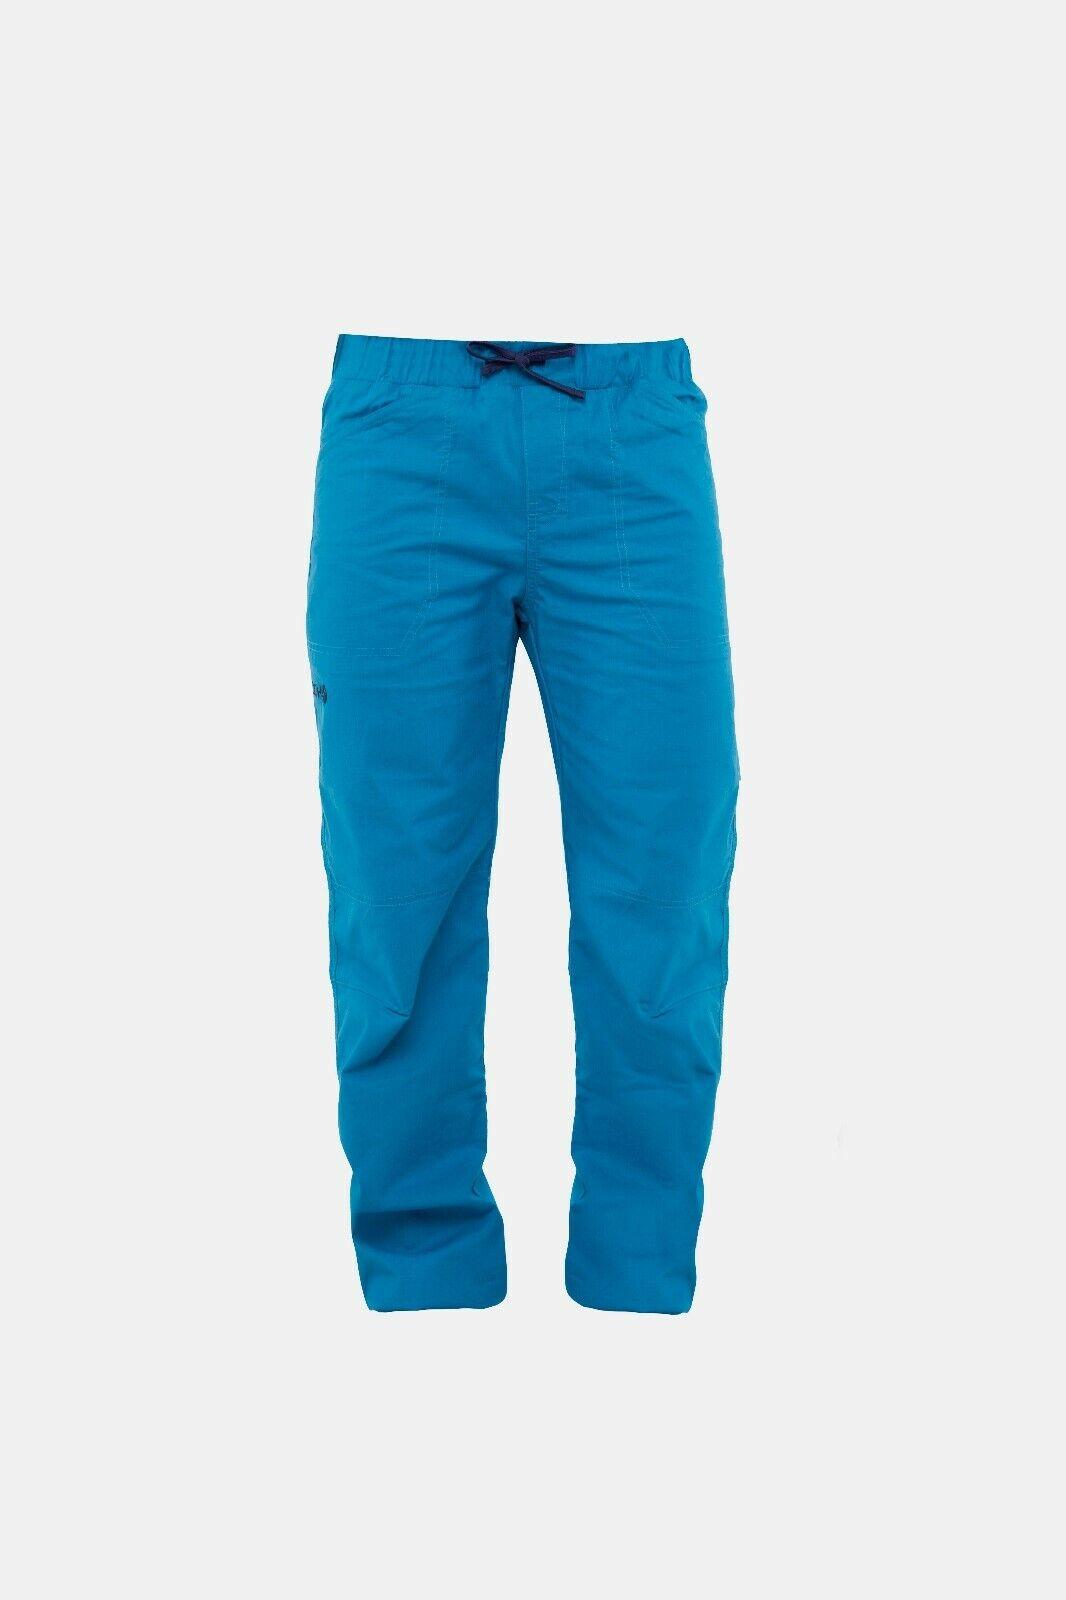 Abk Zen Pant Men Pantaloni Arrampicata per Uomo Mosaic blu